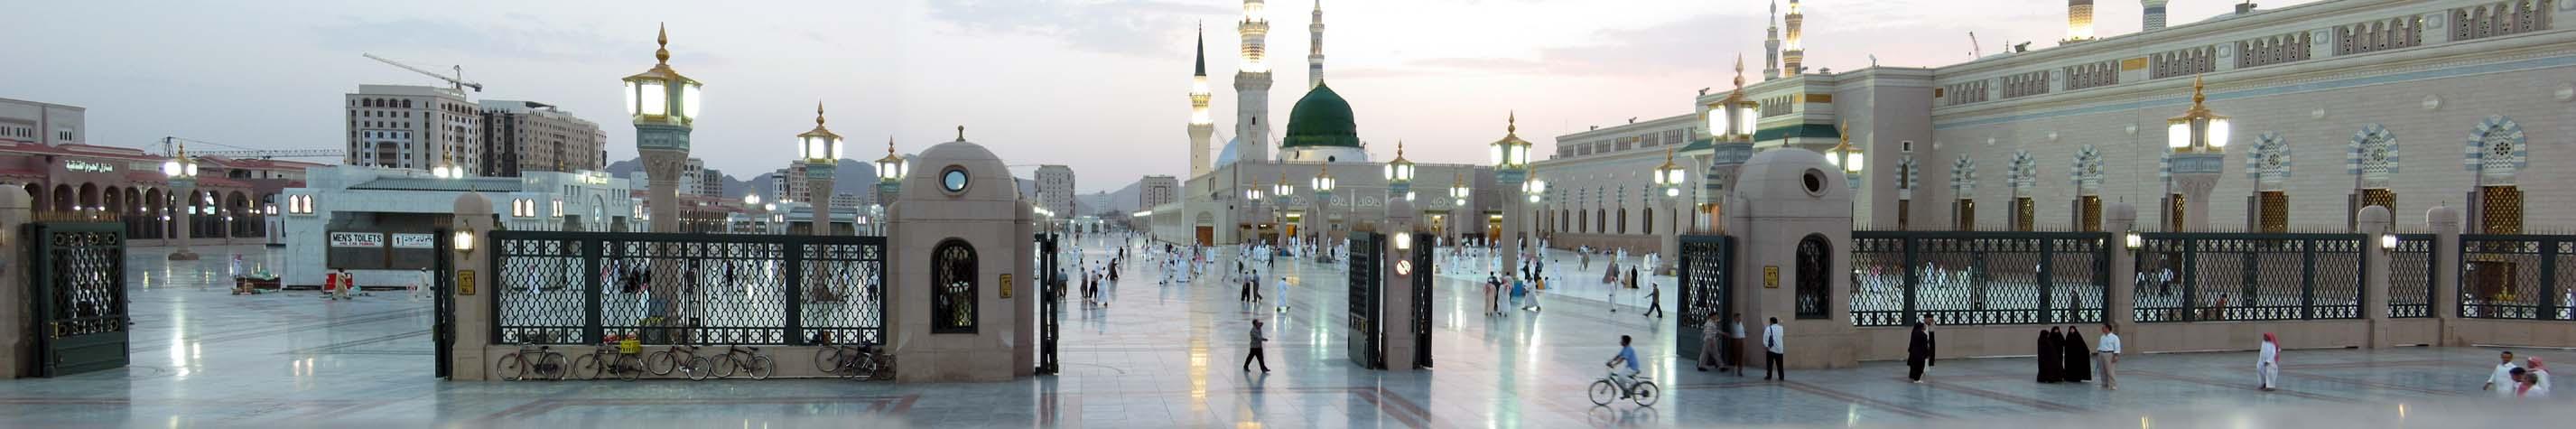 Масджид ан-Набави (Мечеть Пророка) в Медине, Саудовская Аравия, с Зелёным Куполом, построенная над могилой Мухаммеда в центре